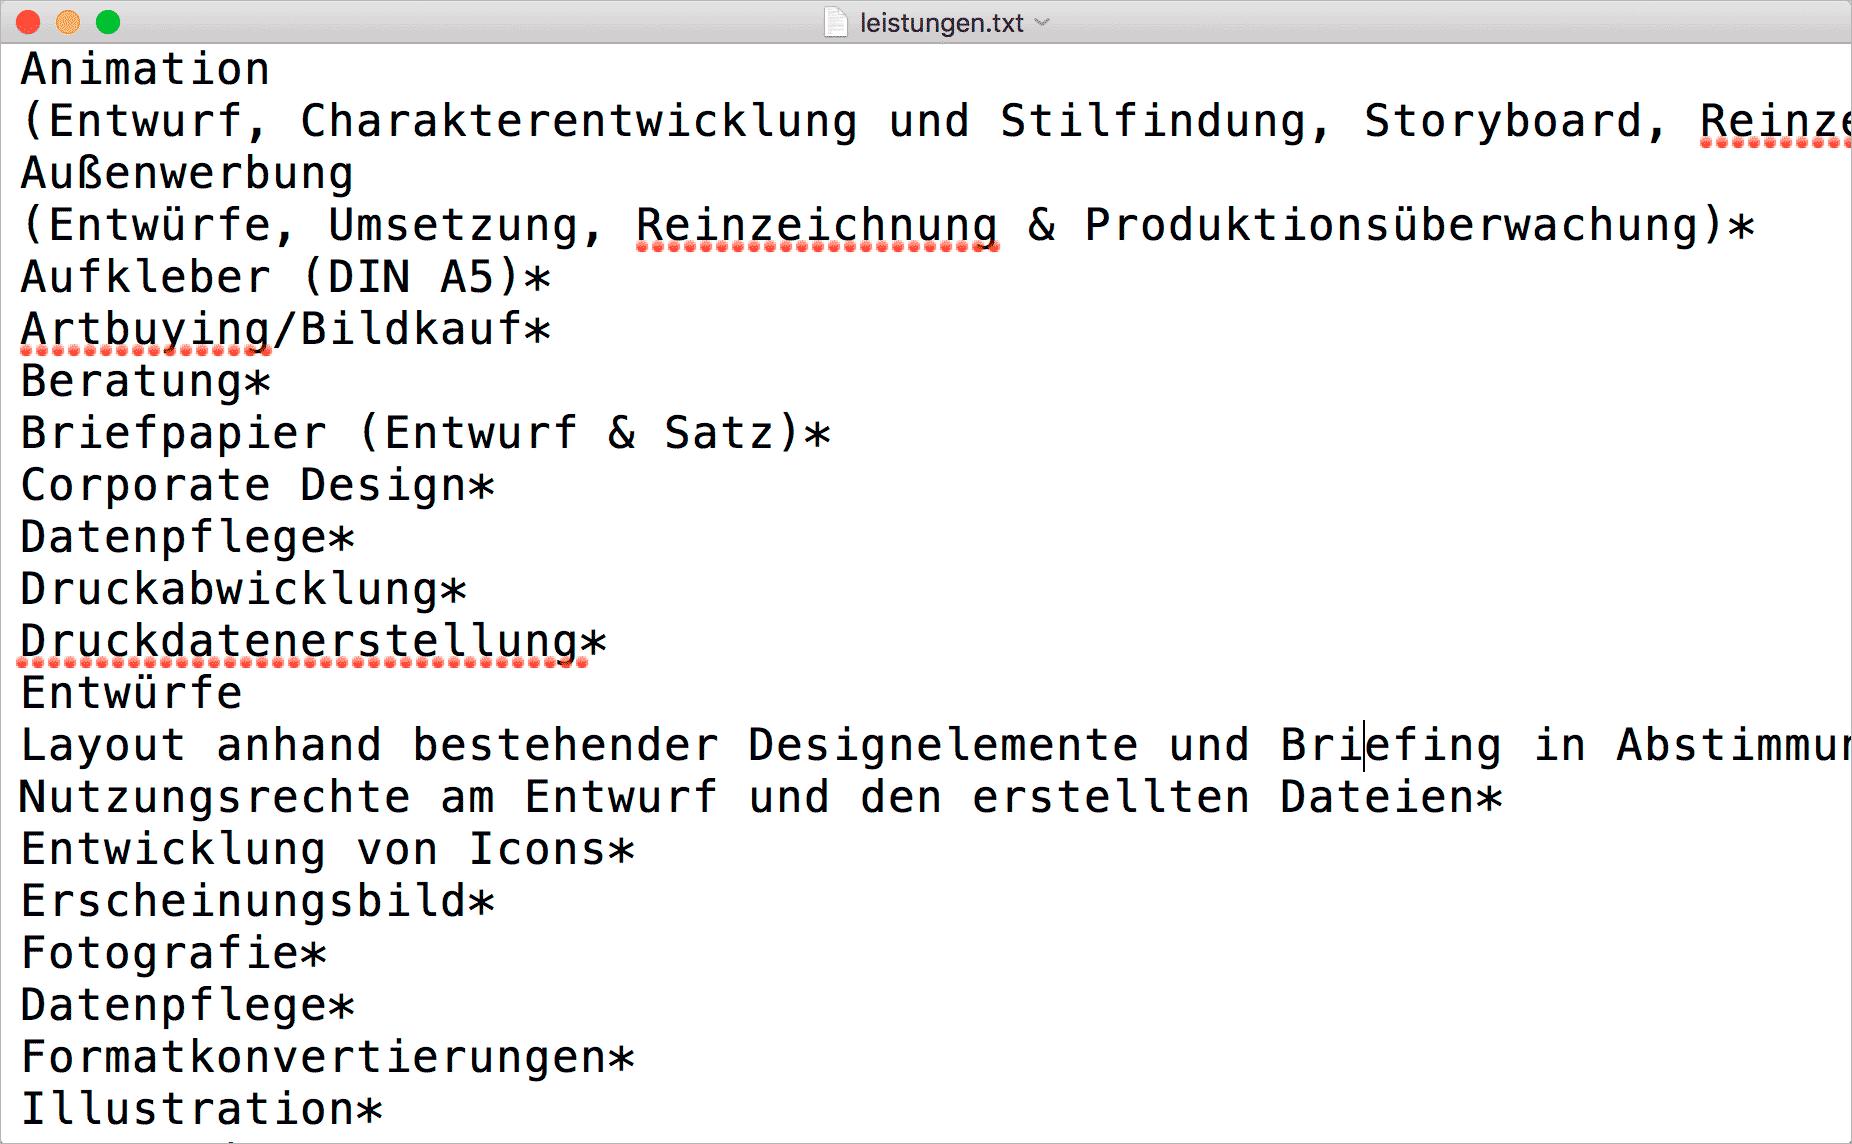 Screenshot – Leistungen.txt Datei